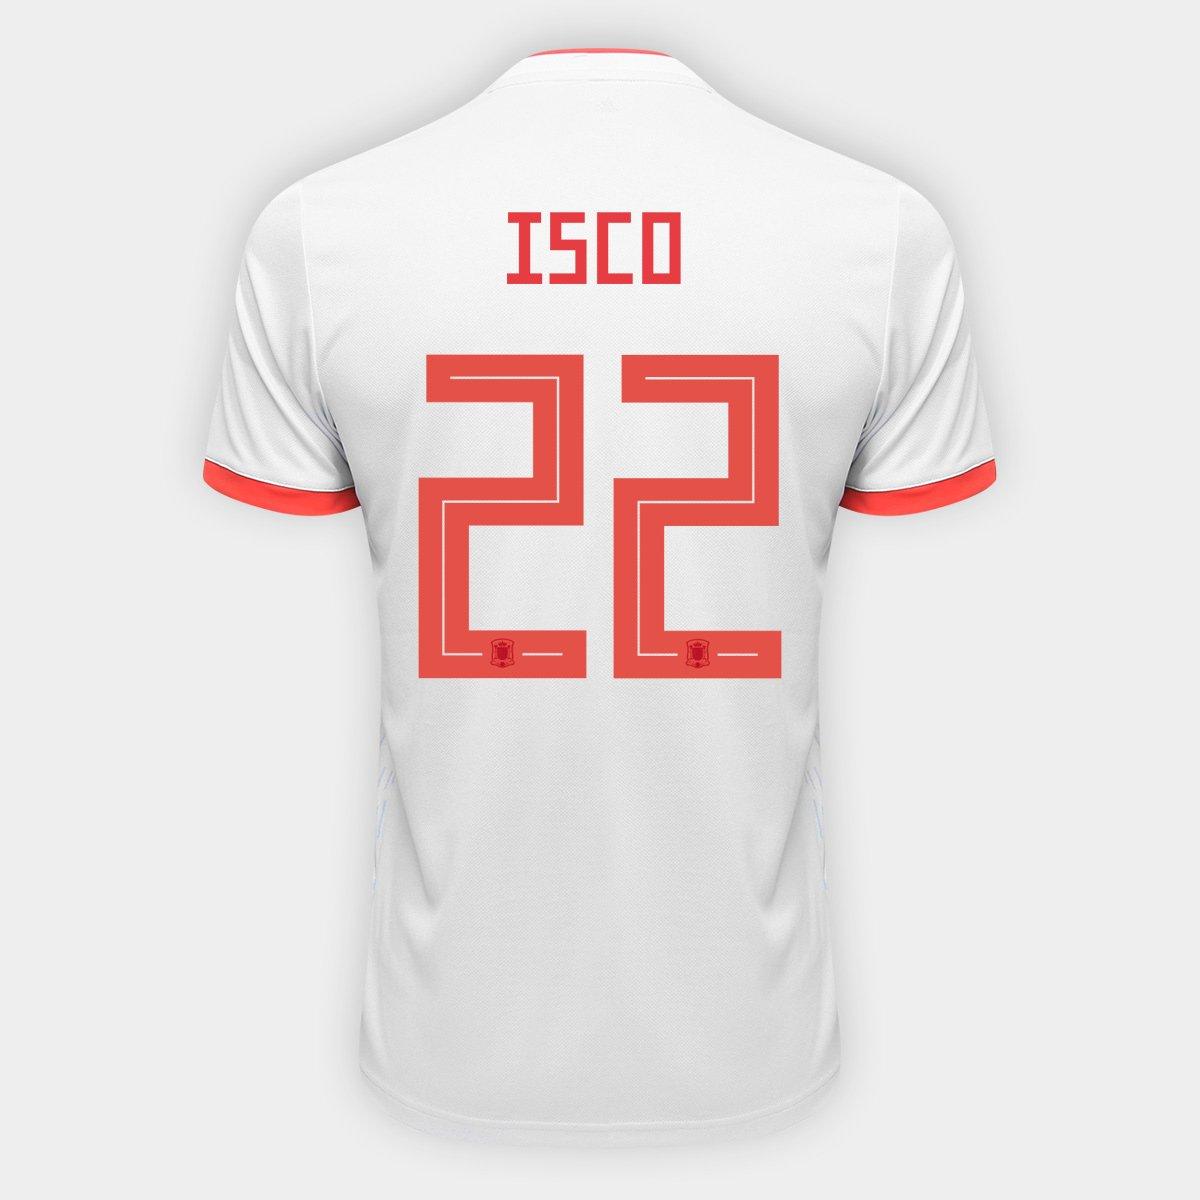 ... Camisa Seleção Espanha Home 2018 n° 22 Isco - Torcedor Adidas Masculina  . 4ec5e6e5aa1e9